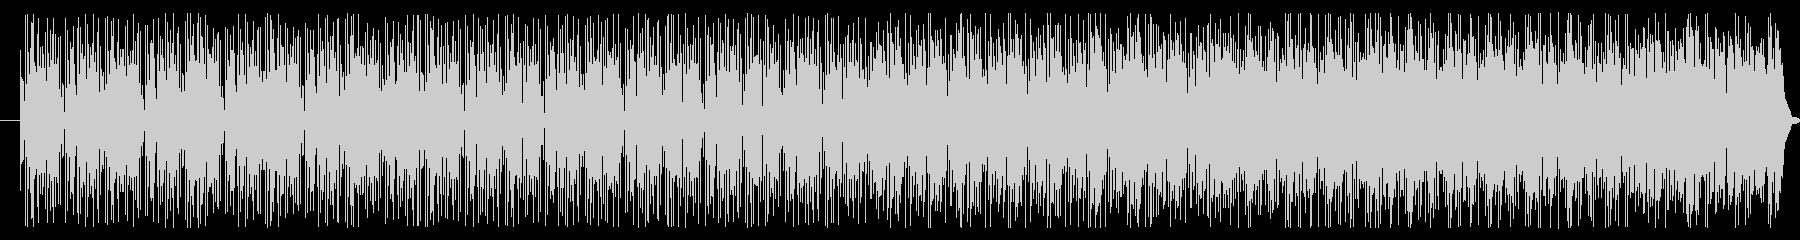 陽気な太鼓が効いたラテンジャズの未再生の波形